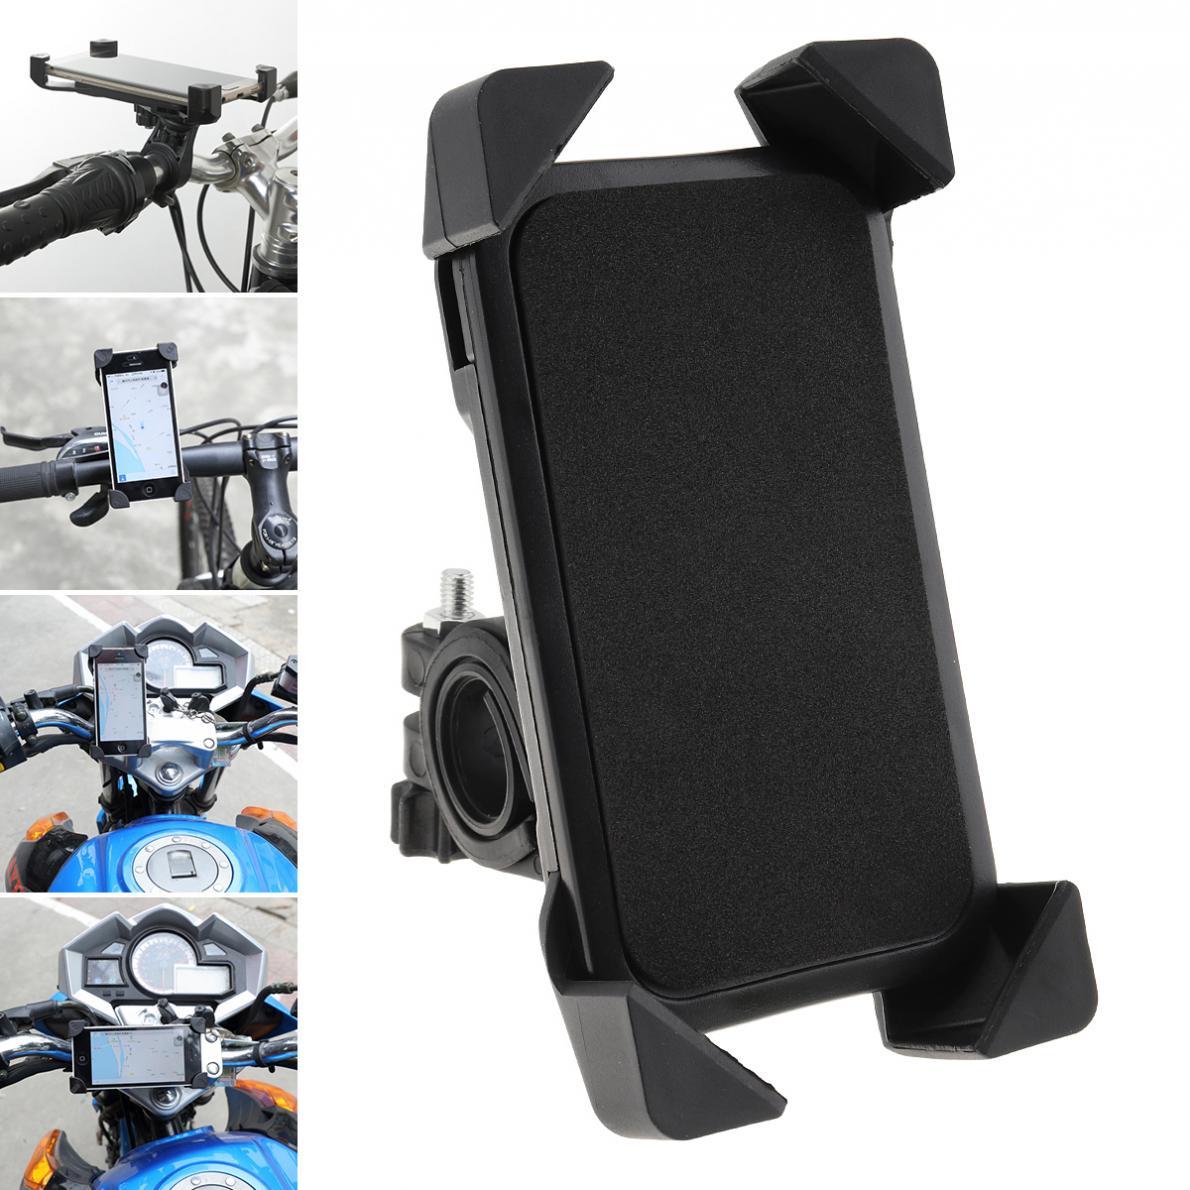 Noir universel moto téléphone Mobile Navigation support fixe vélo moto accessoires pour 3.5-7 pouces téléphones mobiles